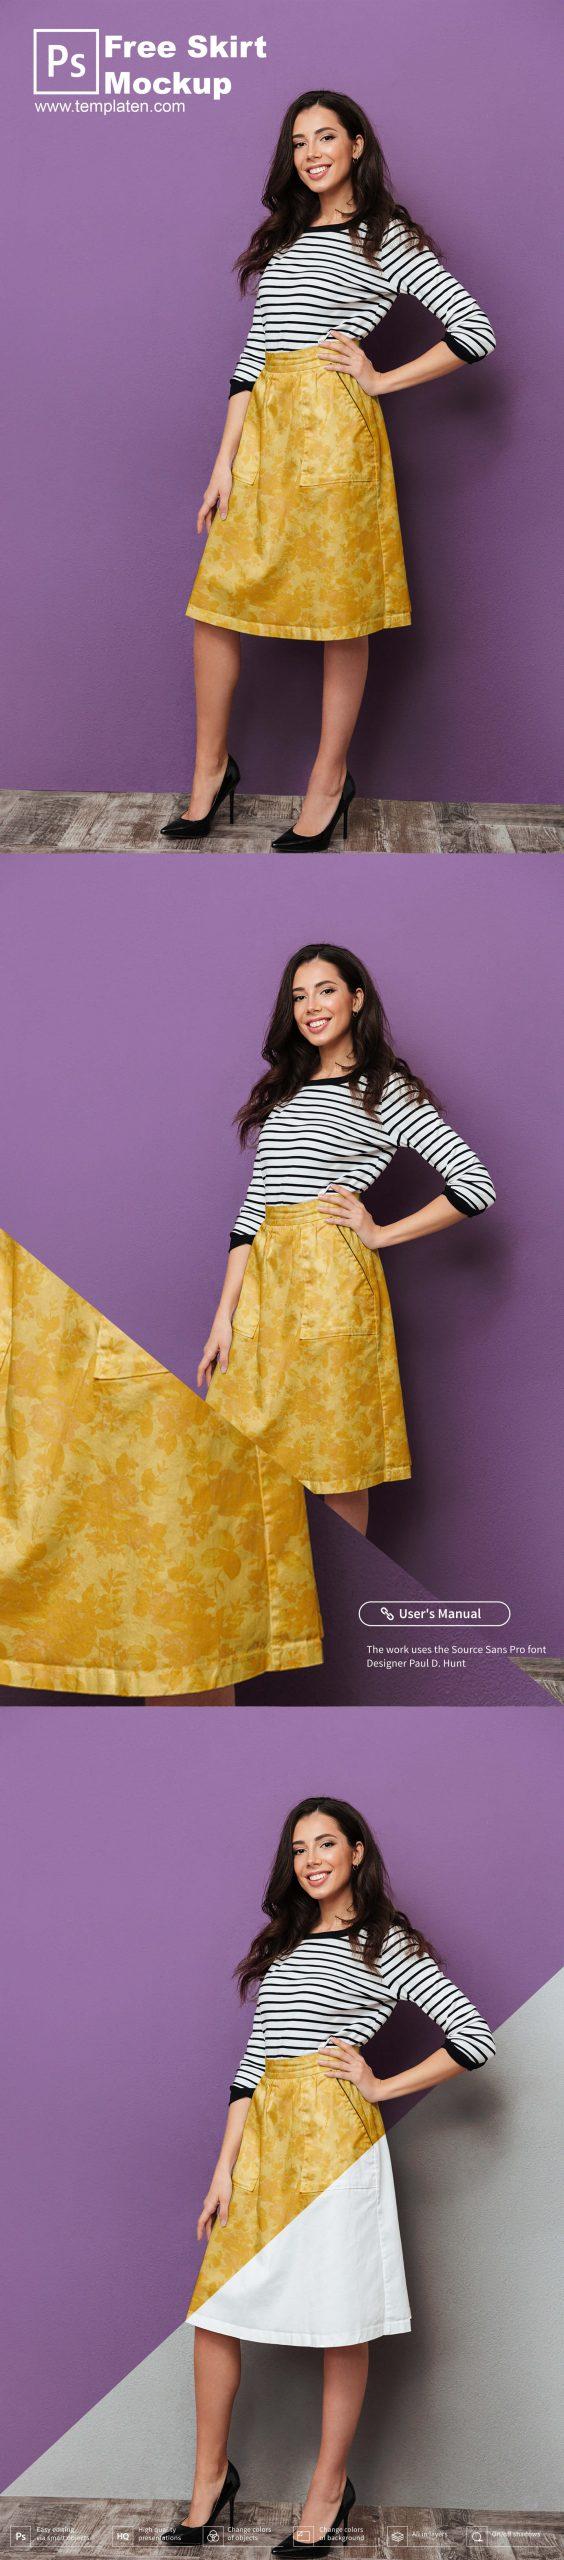 Free Skirt PSD Template